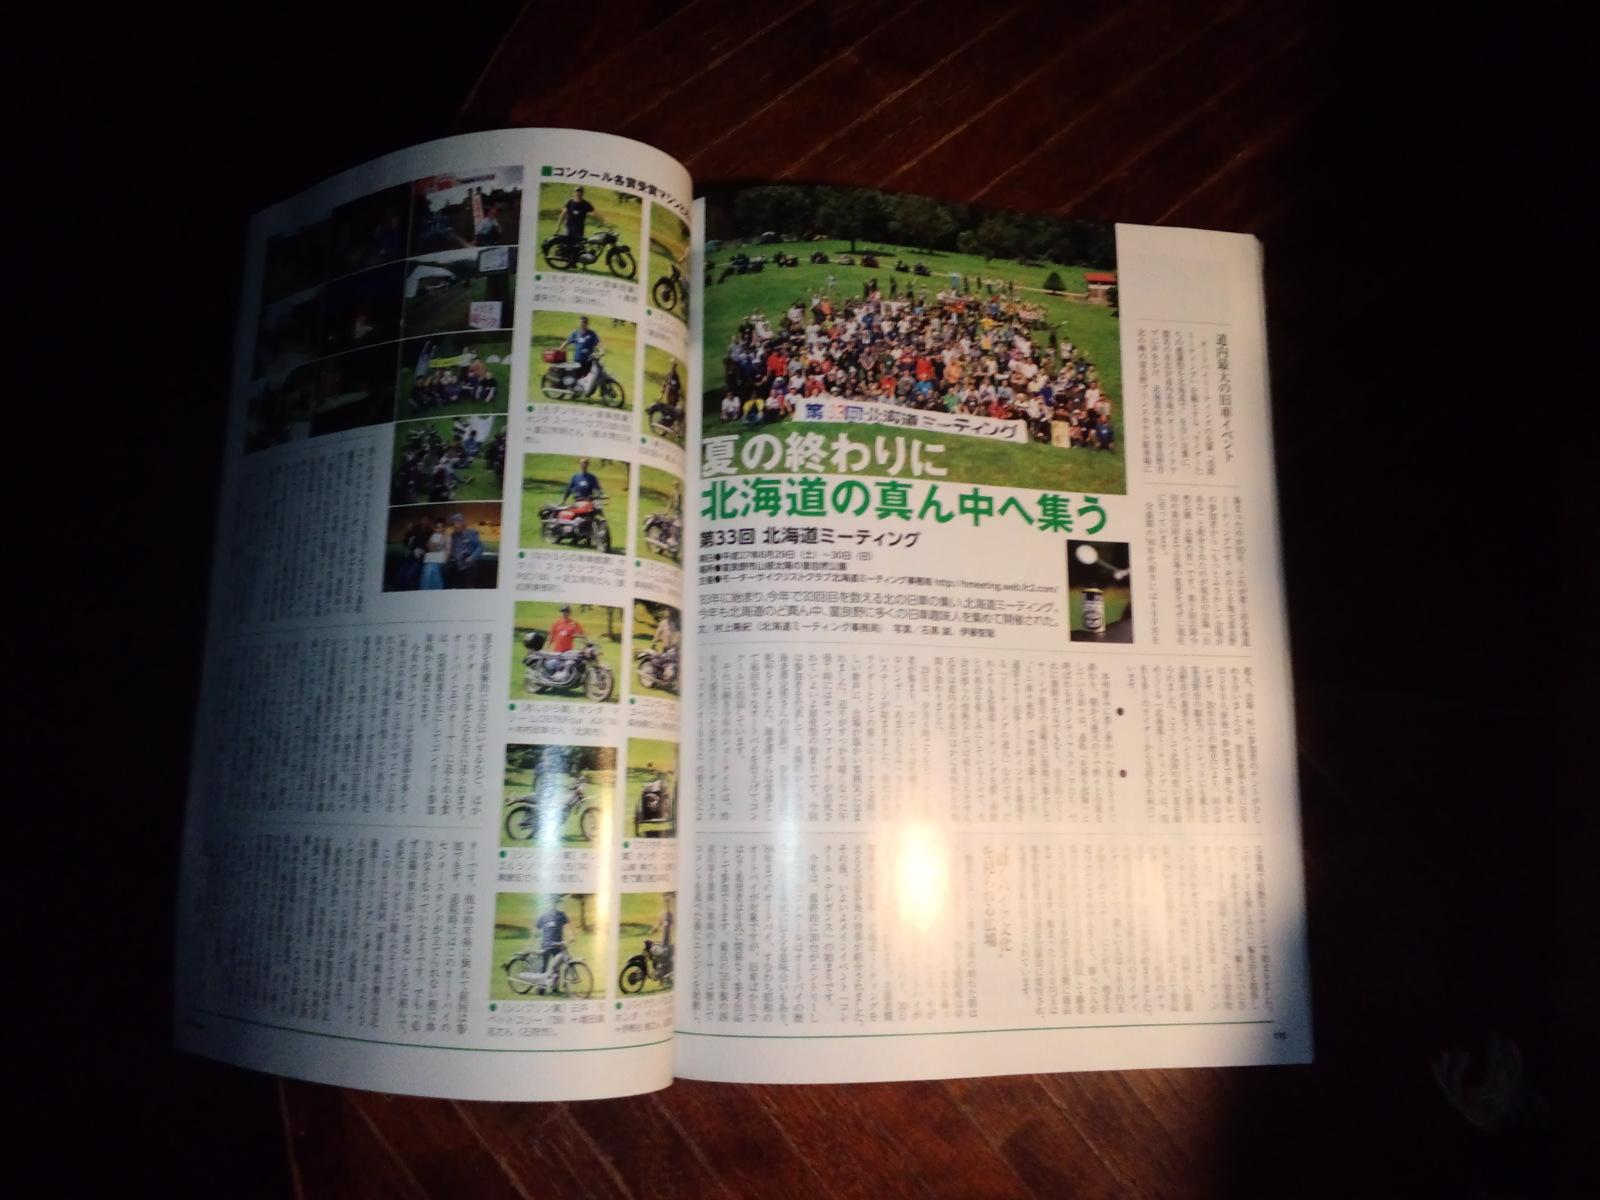 第33回 北海道ミーティングの記事_a0160770_6584462.jpg